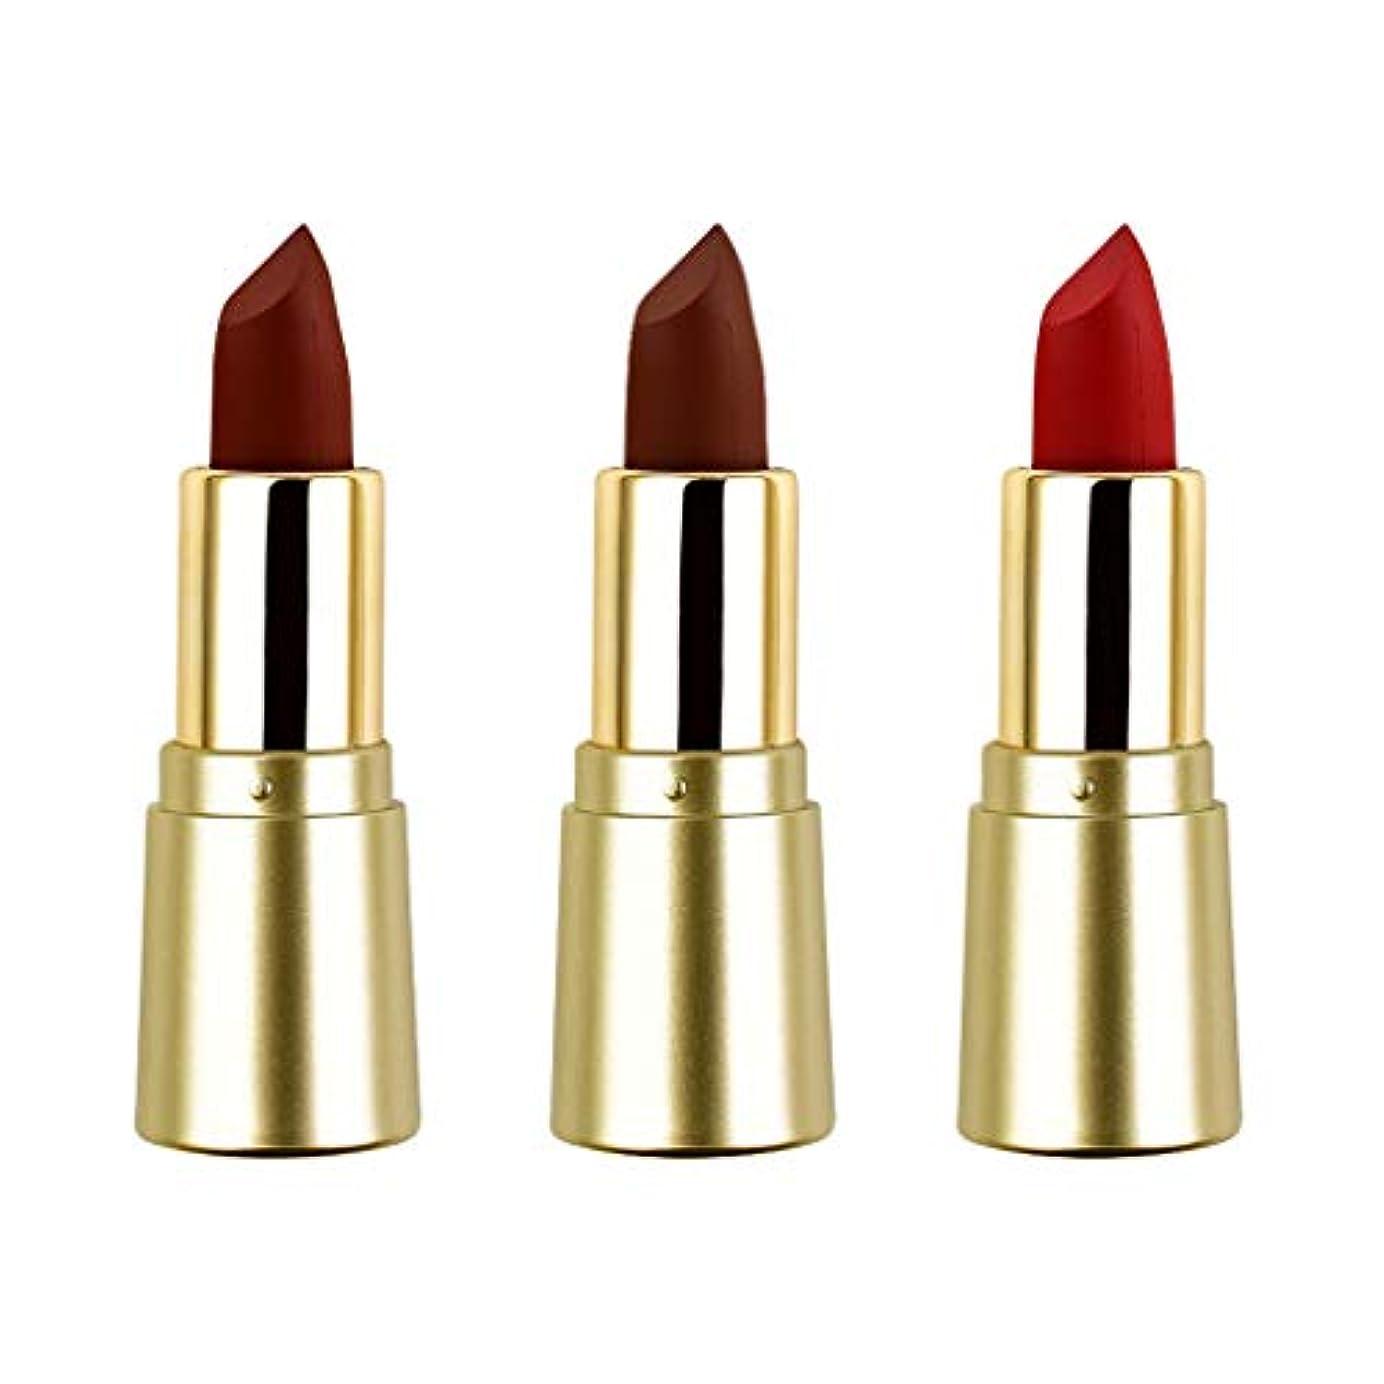 アライアンス溶接不安定T TOOYFUL リップスティック ミニマット 口紅セット かわいい 長持ち色 防水 化粧品 メイクアップ 3色セット